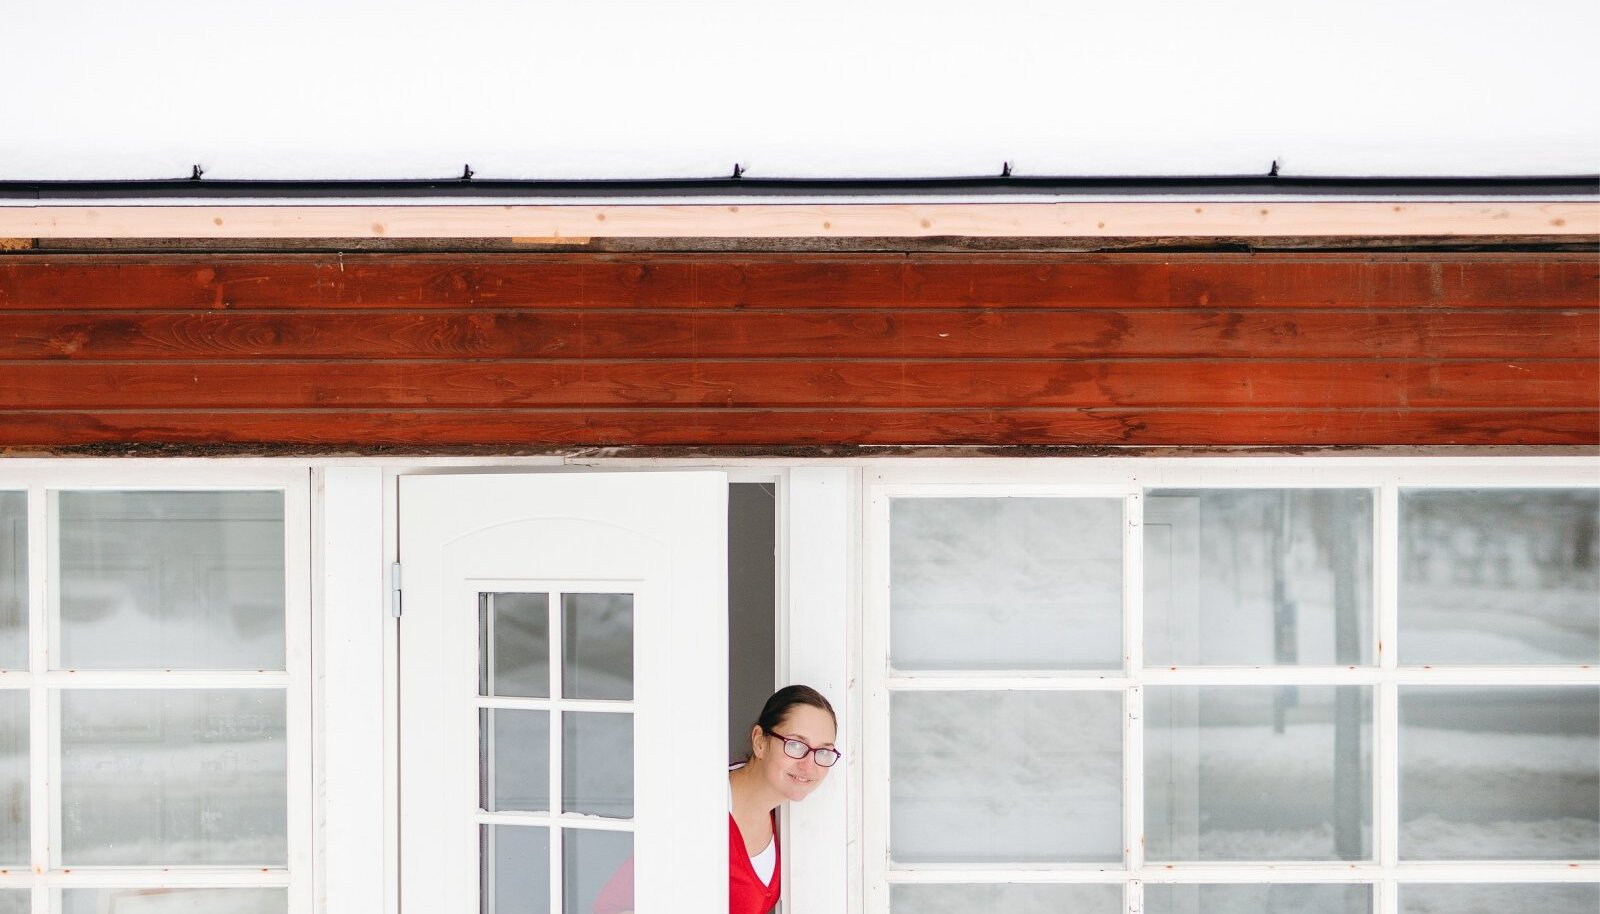 Piparkoogimaja uksel. Piparkoogimajaks kutsub ta seda maja romantilise välimuse pärast. Seda lisandub renoveerimise järel veelgi...